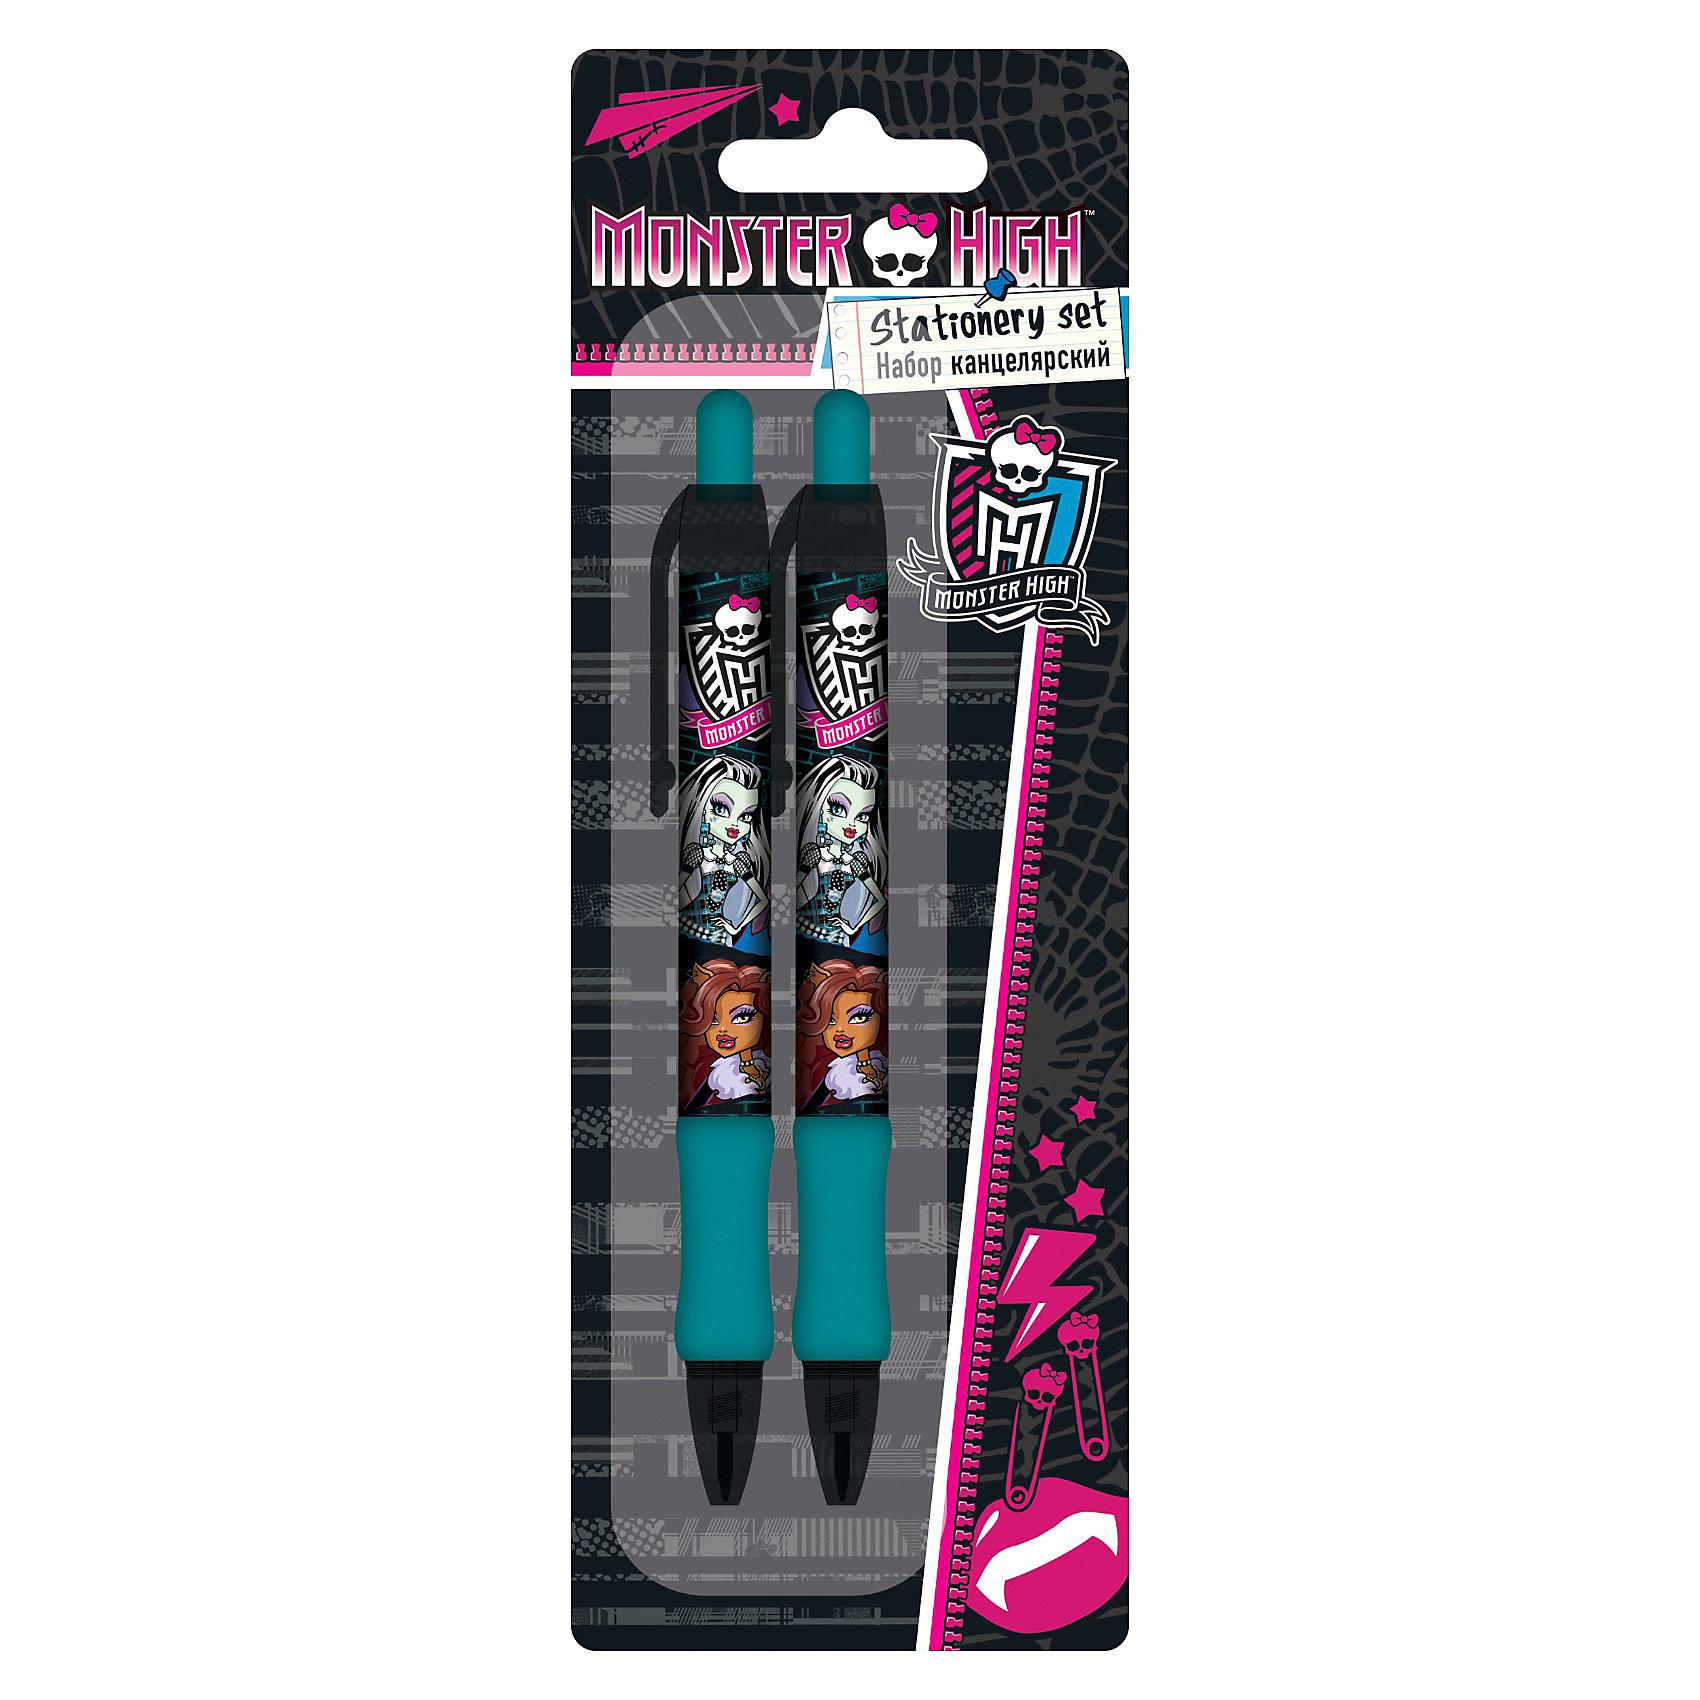 Набор: ручка синяя, карандаш механический, Monster HighКанцелярский набор Monster High ( Школа Монстров) порадует маленькую школьницу и сделает ее занятия еще увлекательнее. В комплект входят шариковая ручка и механический карандаш. Ручка и карандаш имеют резиновое покрытие в нижней части, что значительно повышает удобство их использования. Увеличенный диаметр ручки и карандаша снижает утомляемость руки ребенка при письме и рисовании. Набор выполнен в оригинальном дизайне, в виде принта используется герои из всеми любимого мультсериала Monster High<br><br>Дополнительная информация:<br><br>- Размер упаковки: 22,5 х 8 х 1,5 см.<br>- Вес: 37 гр.<br><br>Канцелярский набор Monster High можно купить в нашем интернет-магазине.<br><br>Ширина мм: 225<br>Глубина мм: 80<br>Высота мм: 15<br>Вес г: 37<br>Возраст от месяцев: 120<br>Возраст до месяцев: 144<br>Пол: Женский<br>Возраст: Детский<br>SKU: 3563212